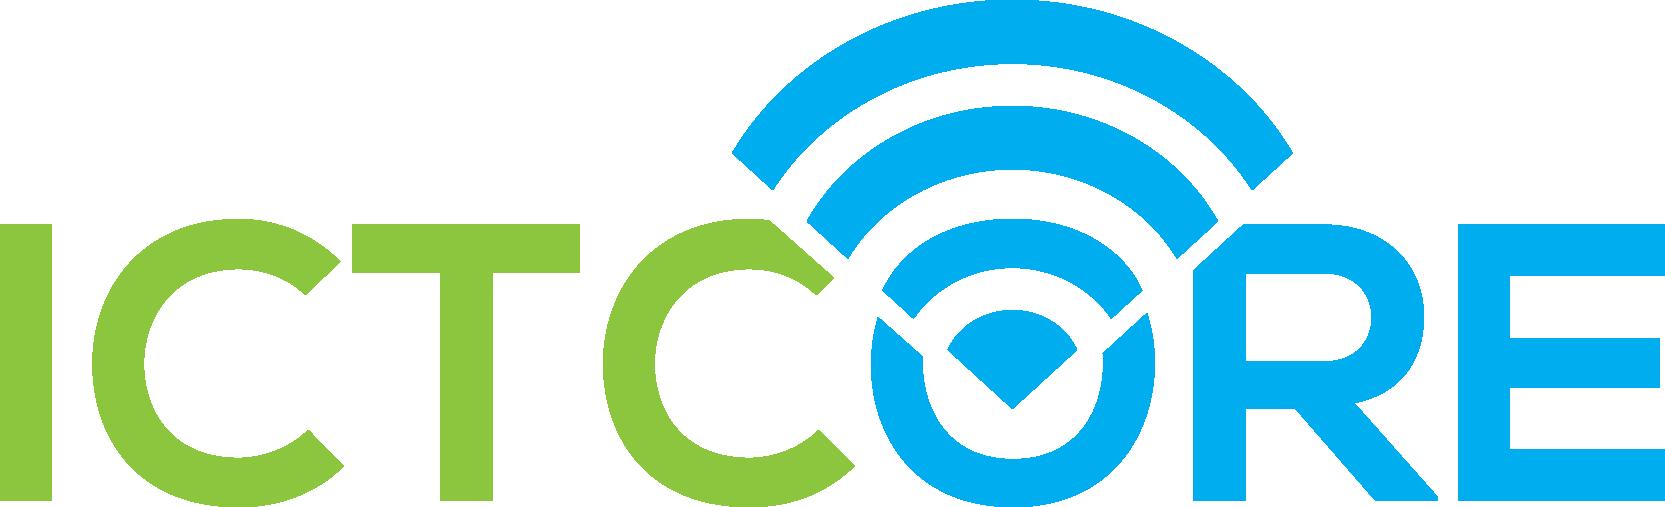 ICTCore